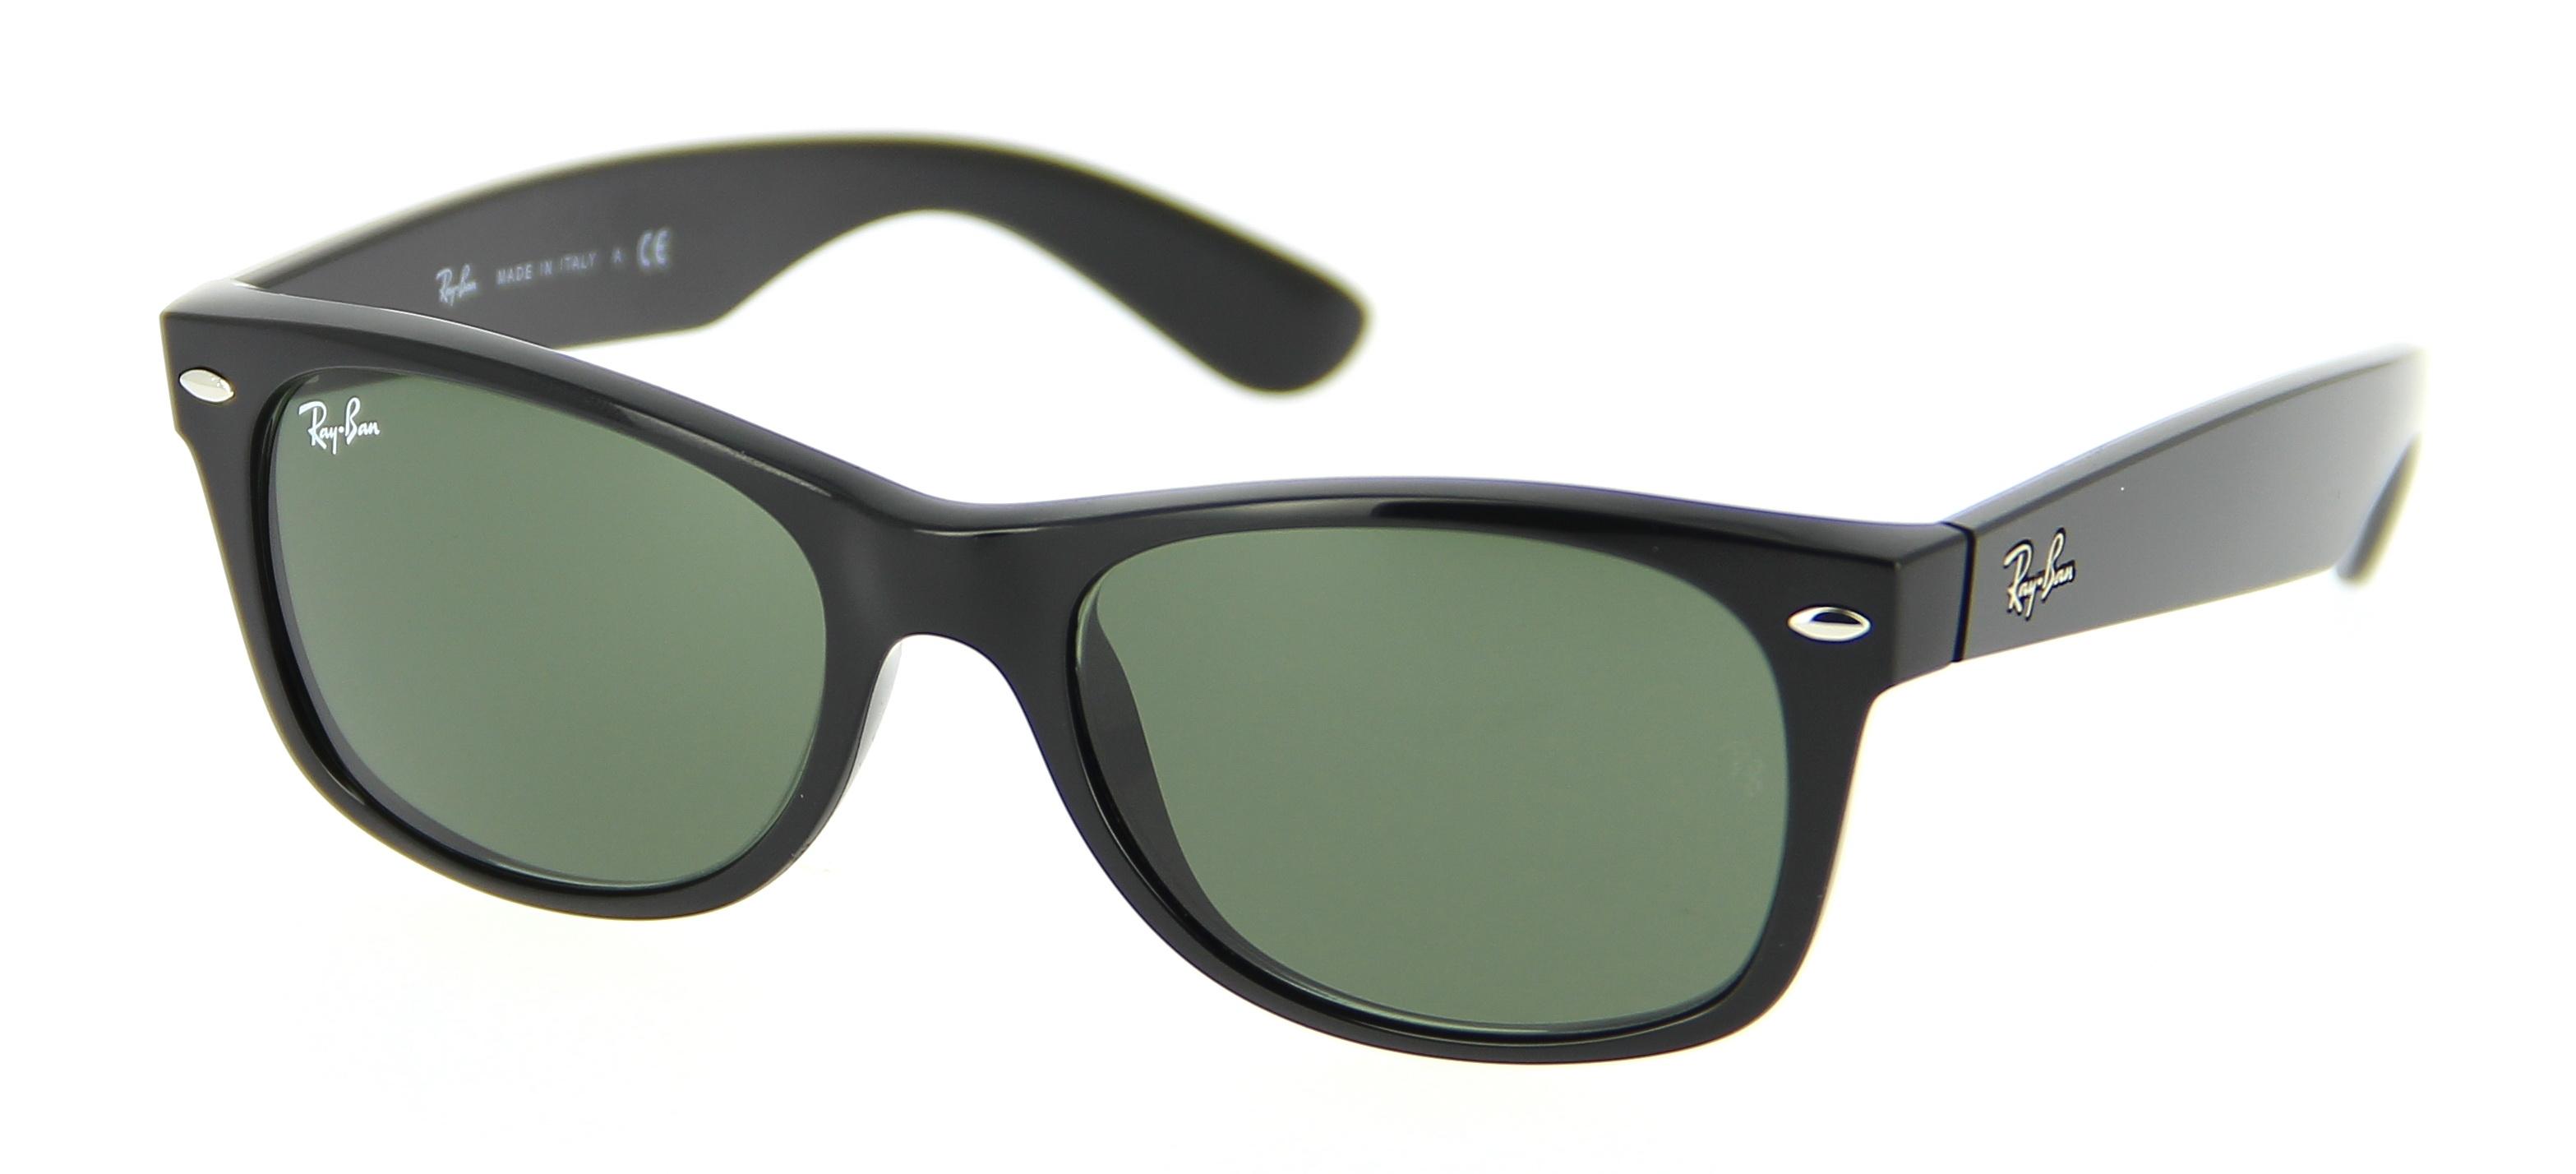 fdf4910a5498c wayfarer pas cher livraison gratuite lunettes de soleil | heju ...